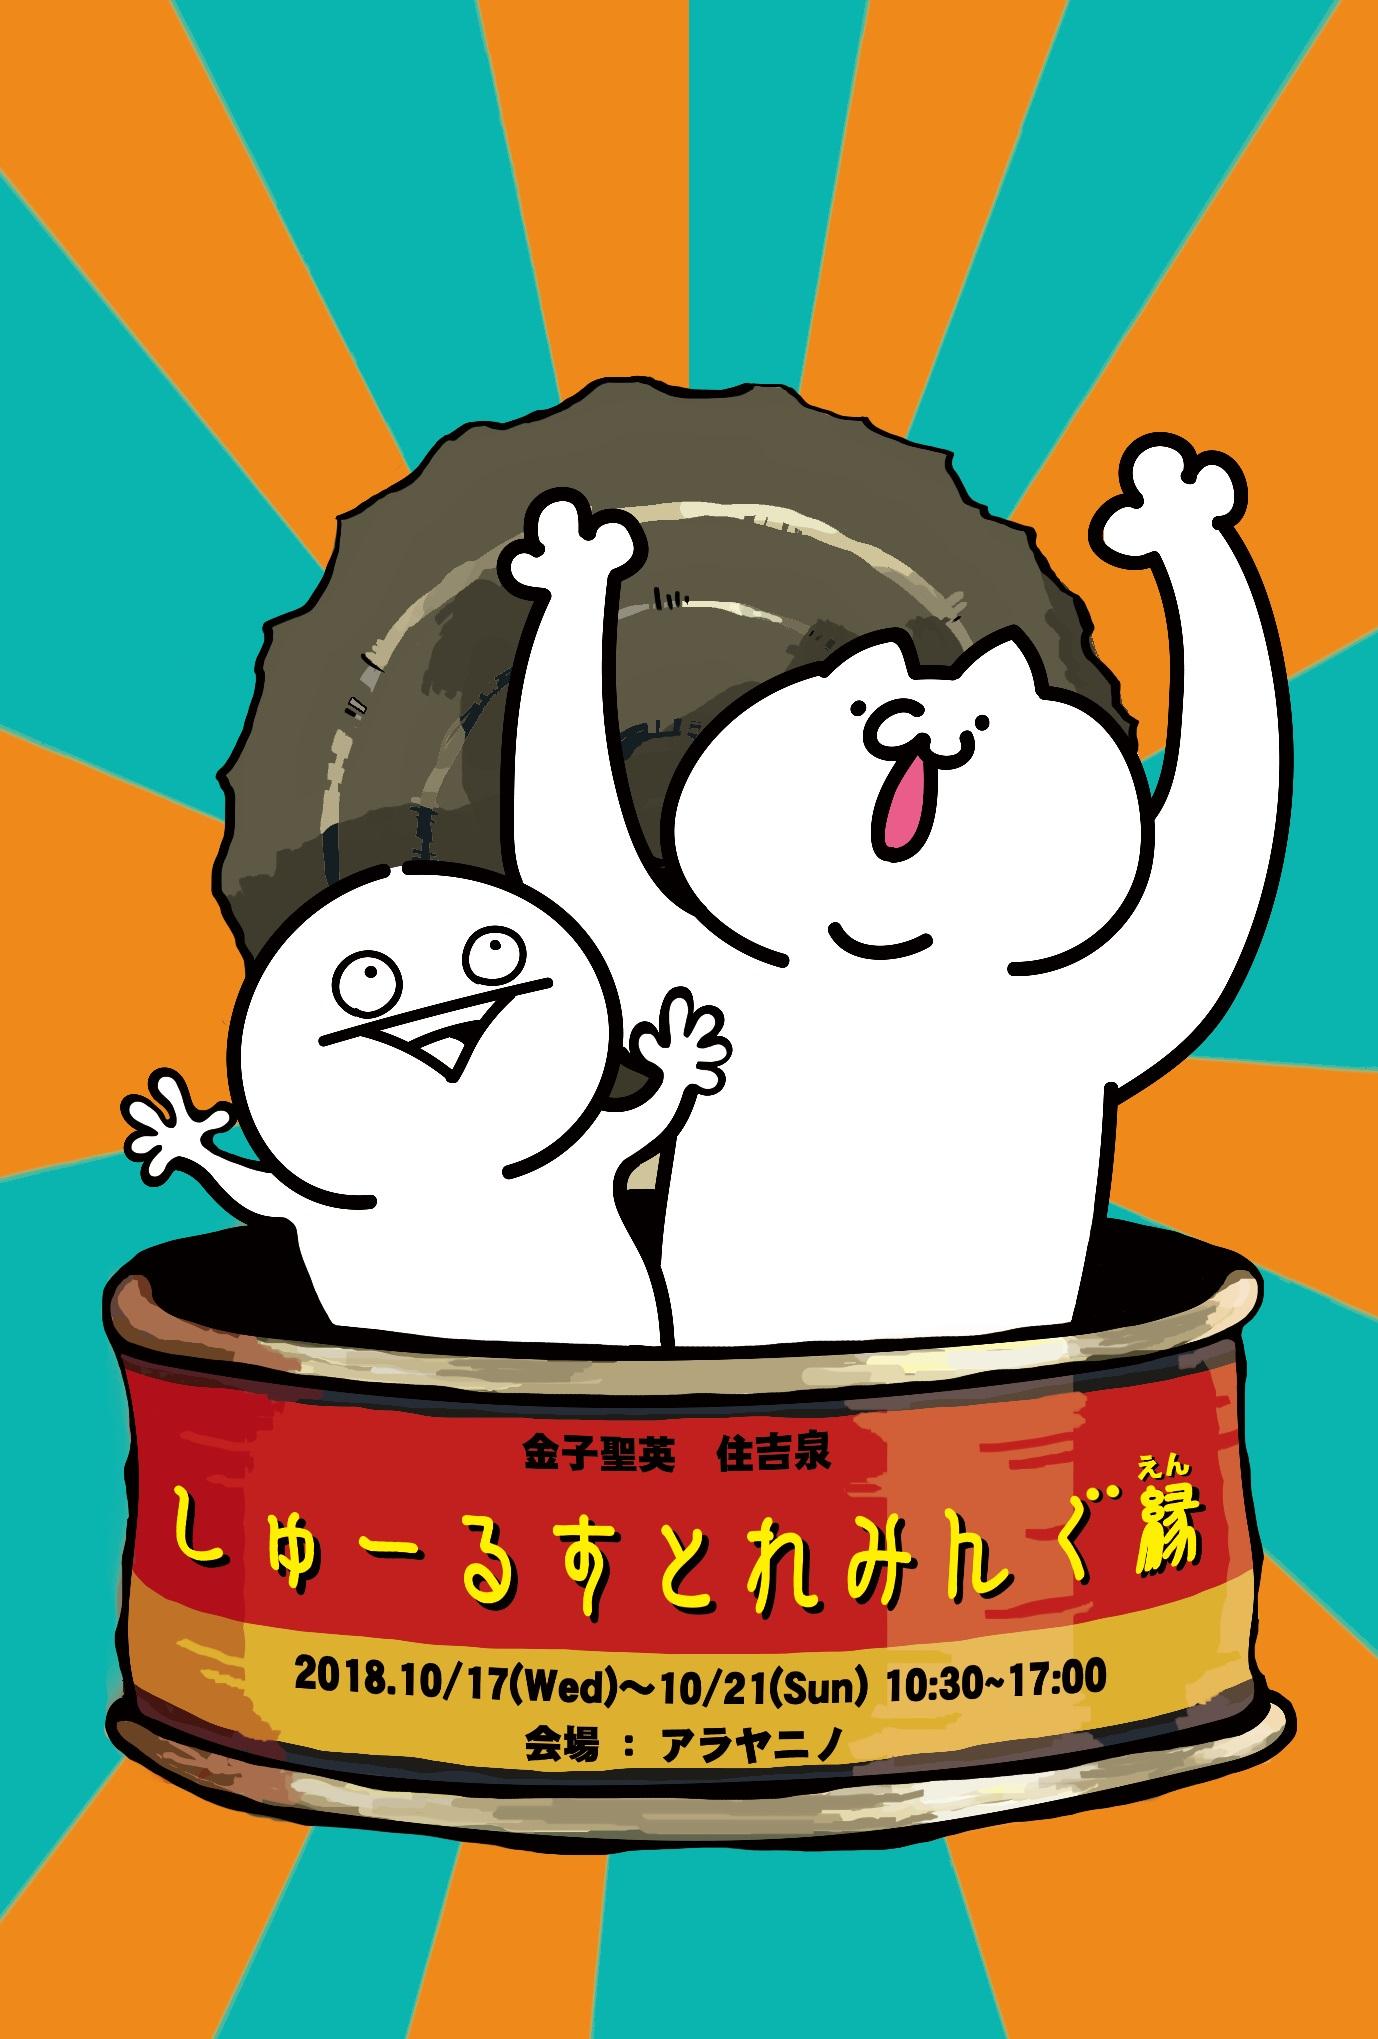 金子聖英&住吉泉 2人展 「しゅーるすとれみんぐ縁」(10/17~21)